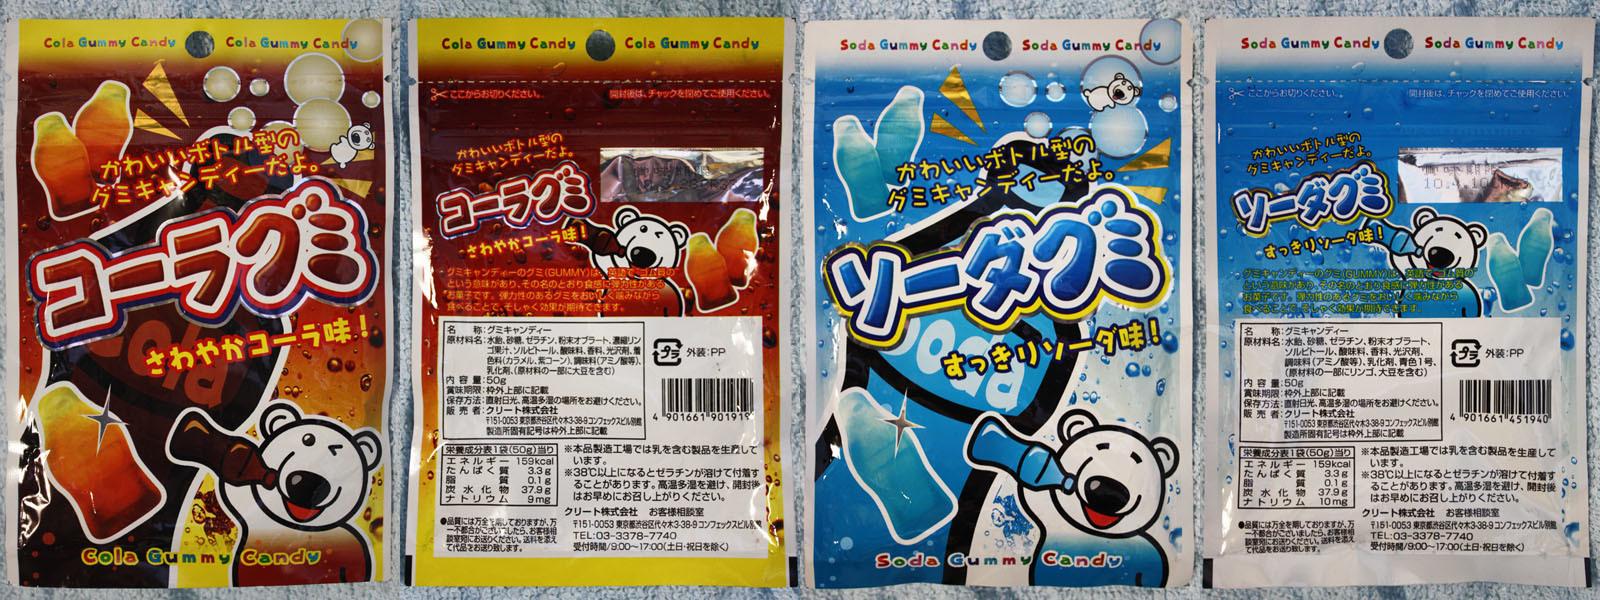 コーラグミとソーダグミ袋 200911